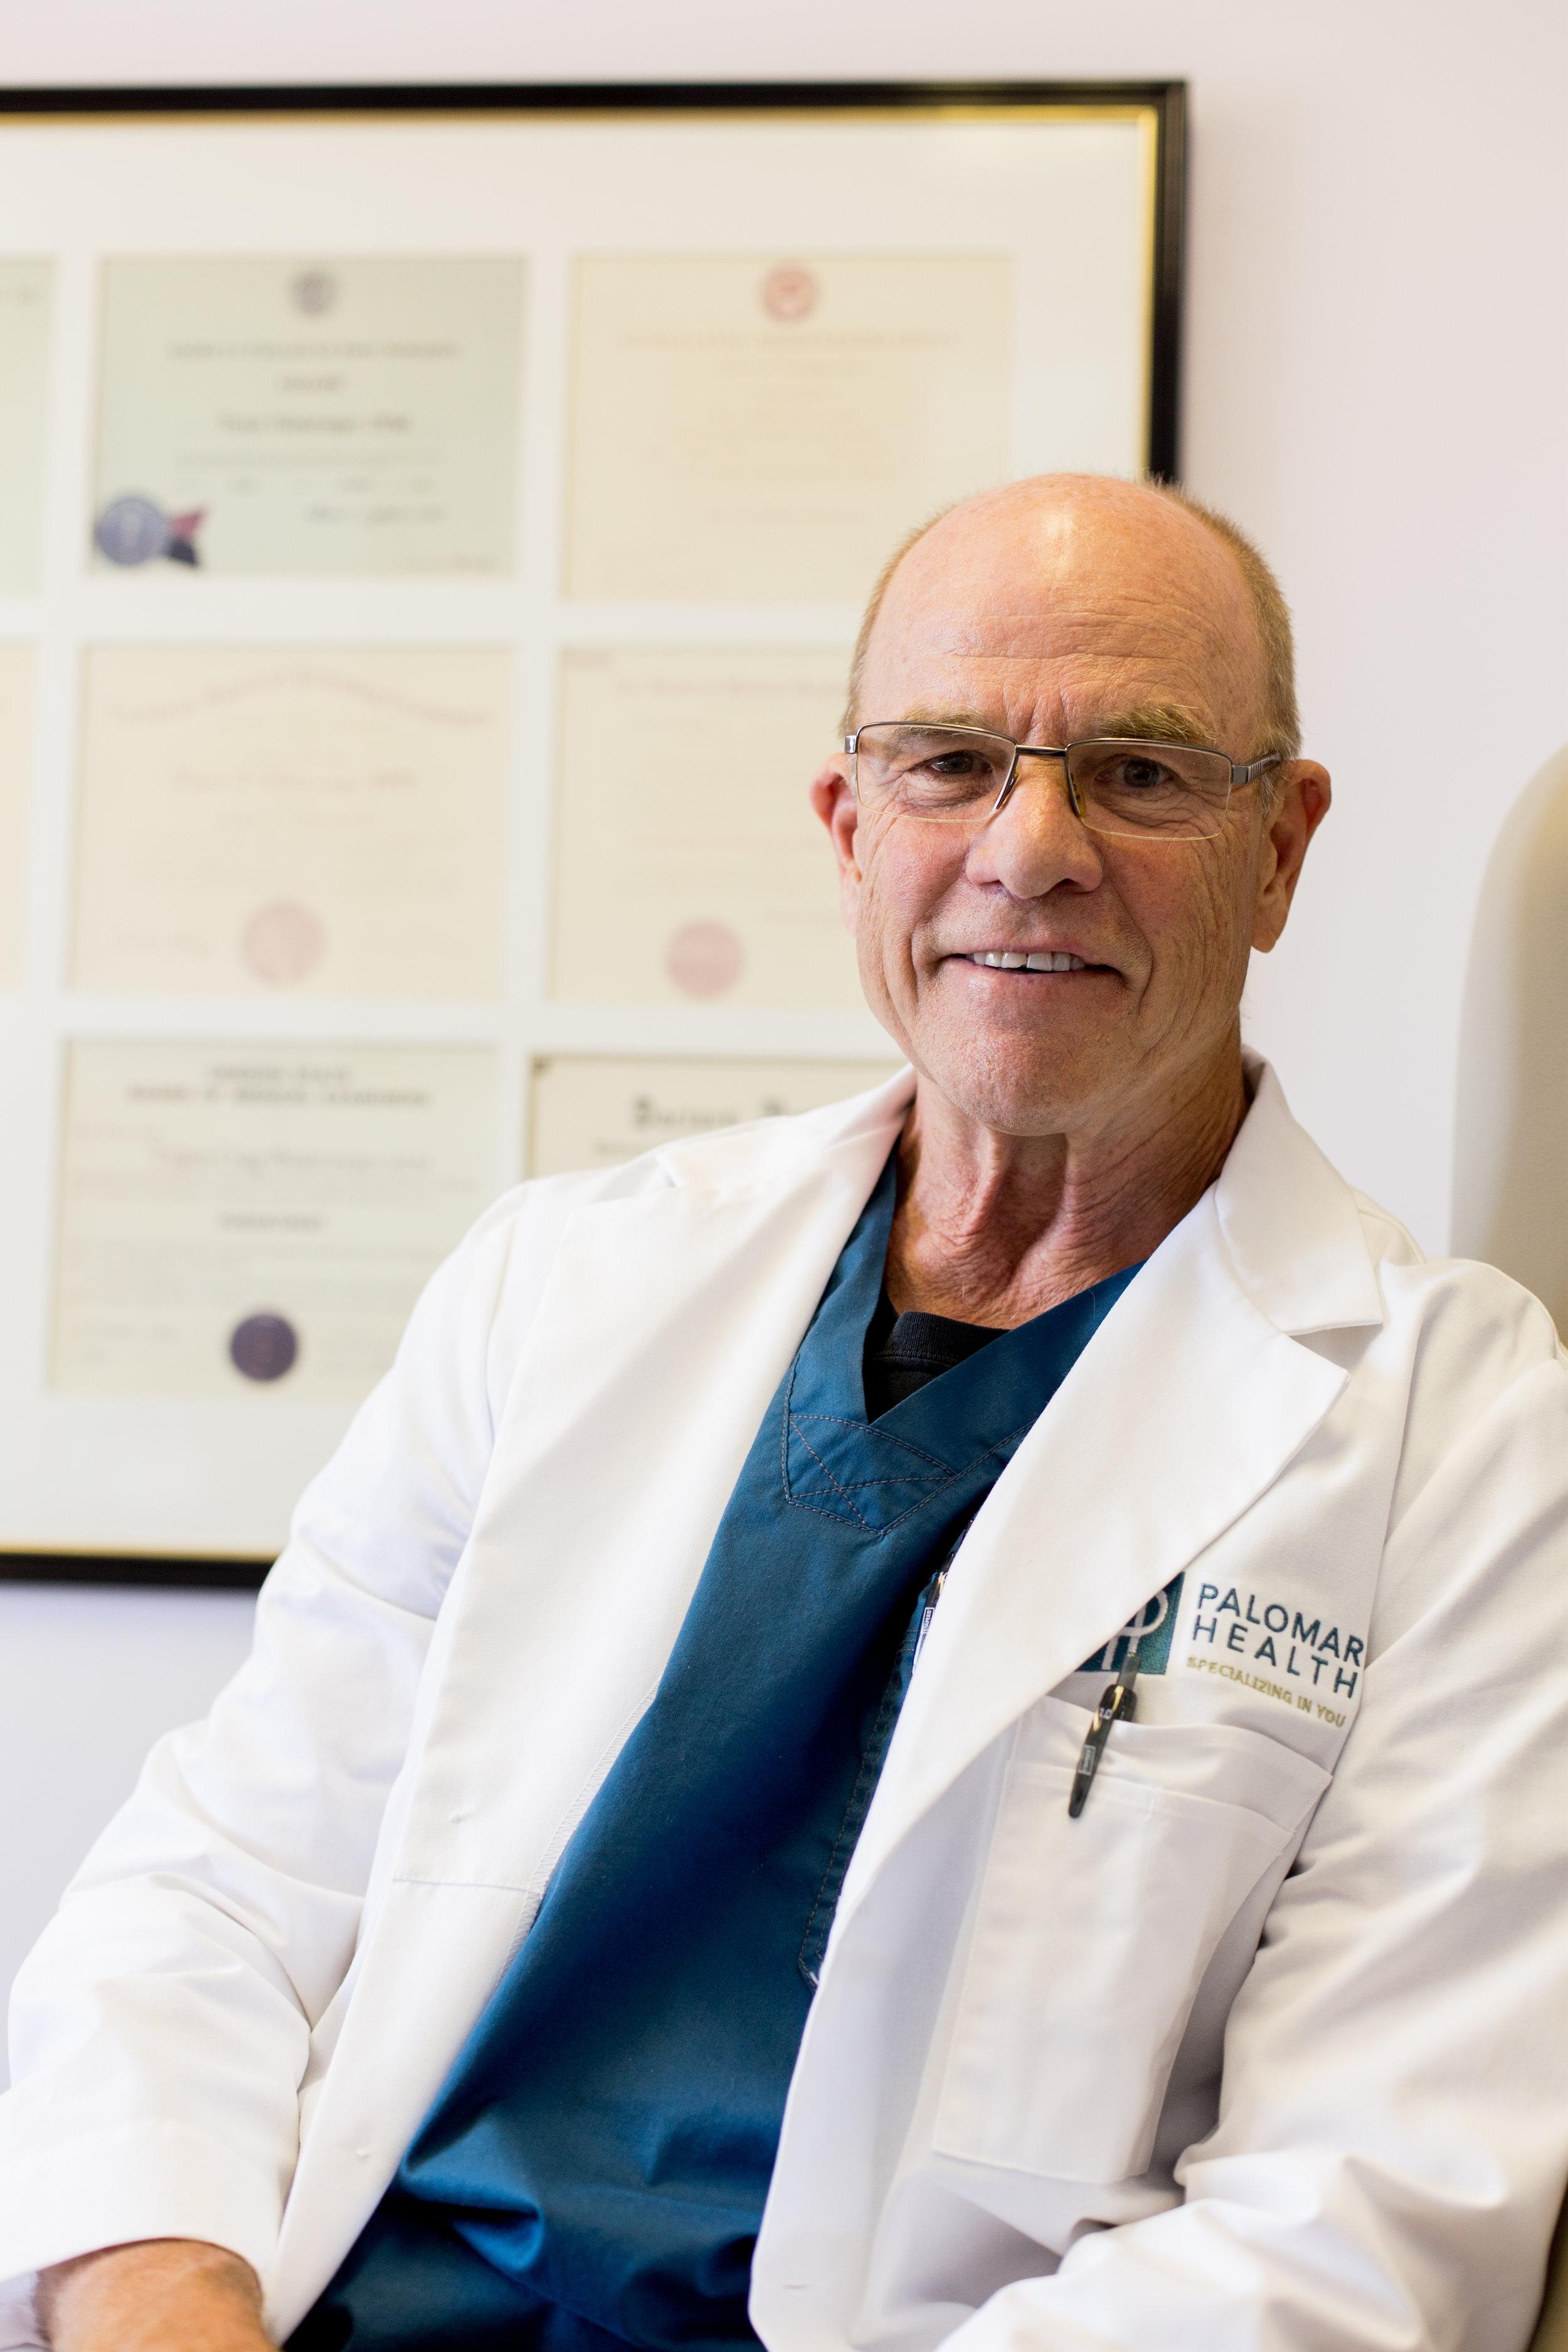 dr. westermeyer